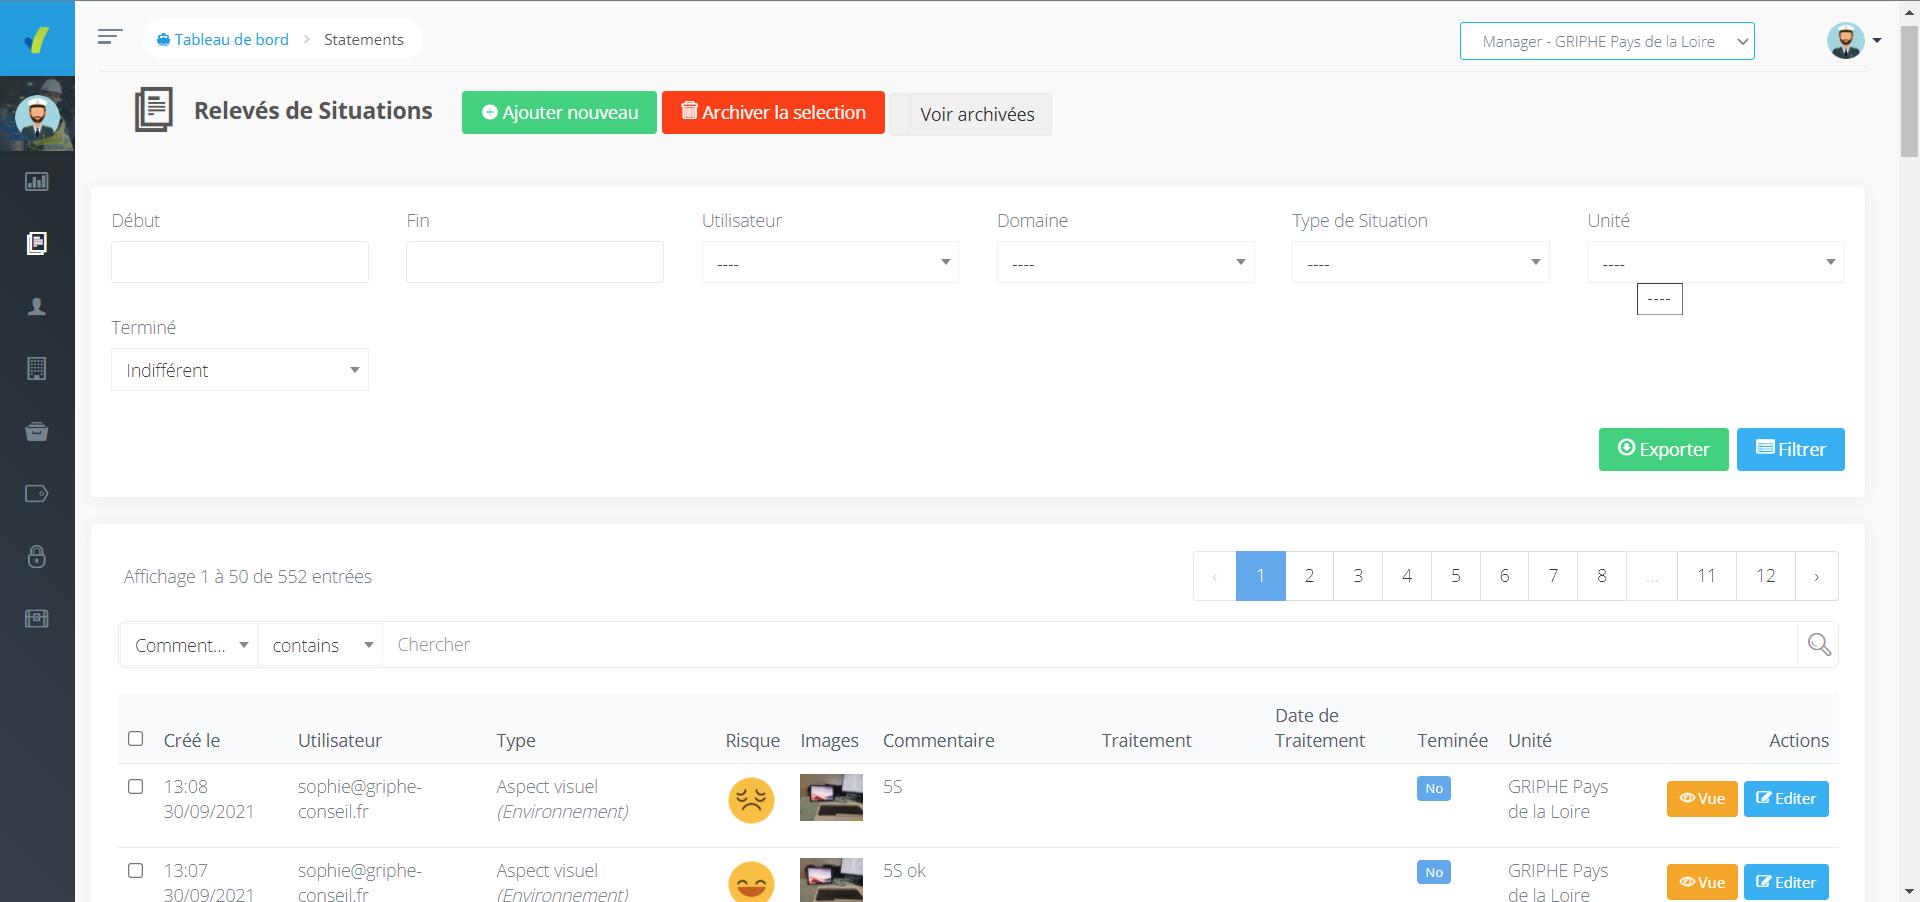 Visuel de l'outil Relevés de Situations du site web SHEQ Instant, liste de tous vos audits rédigés rapidemenent